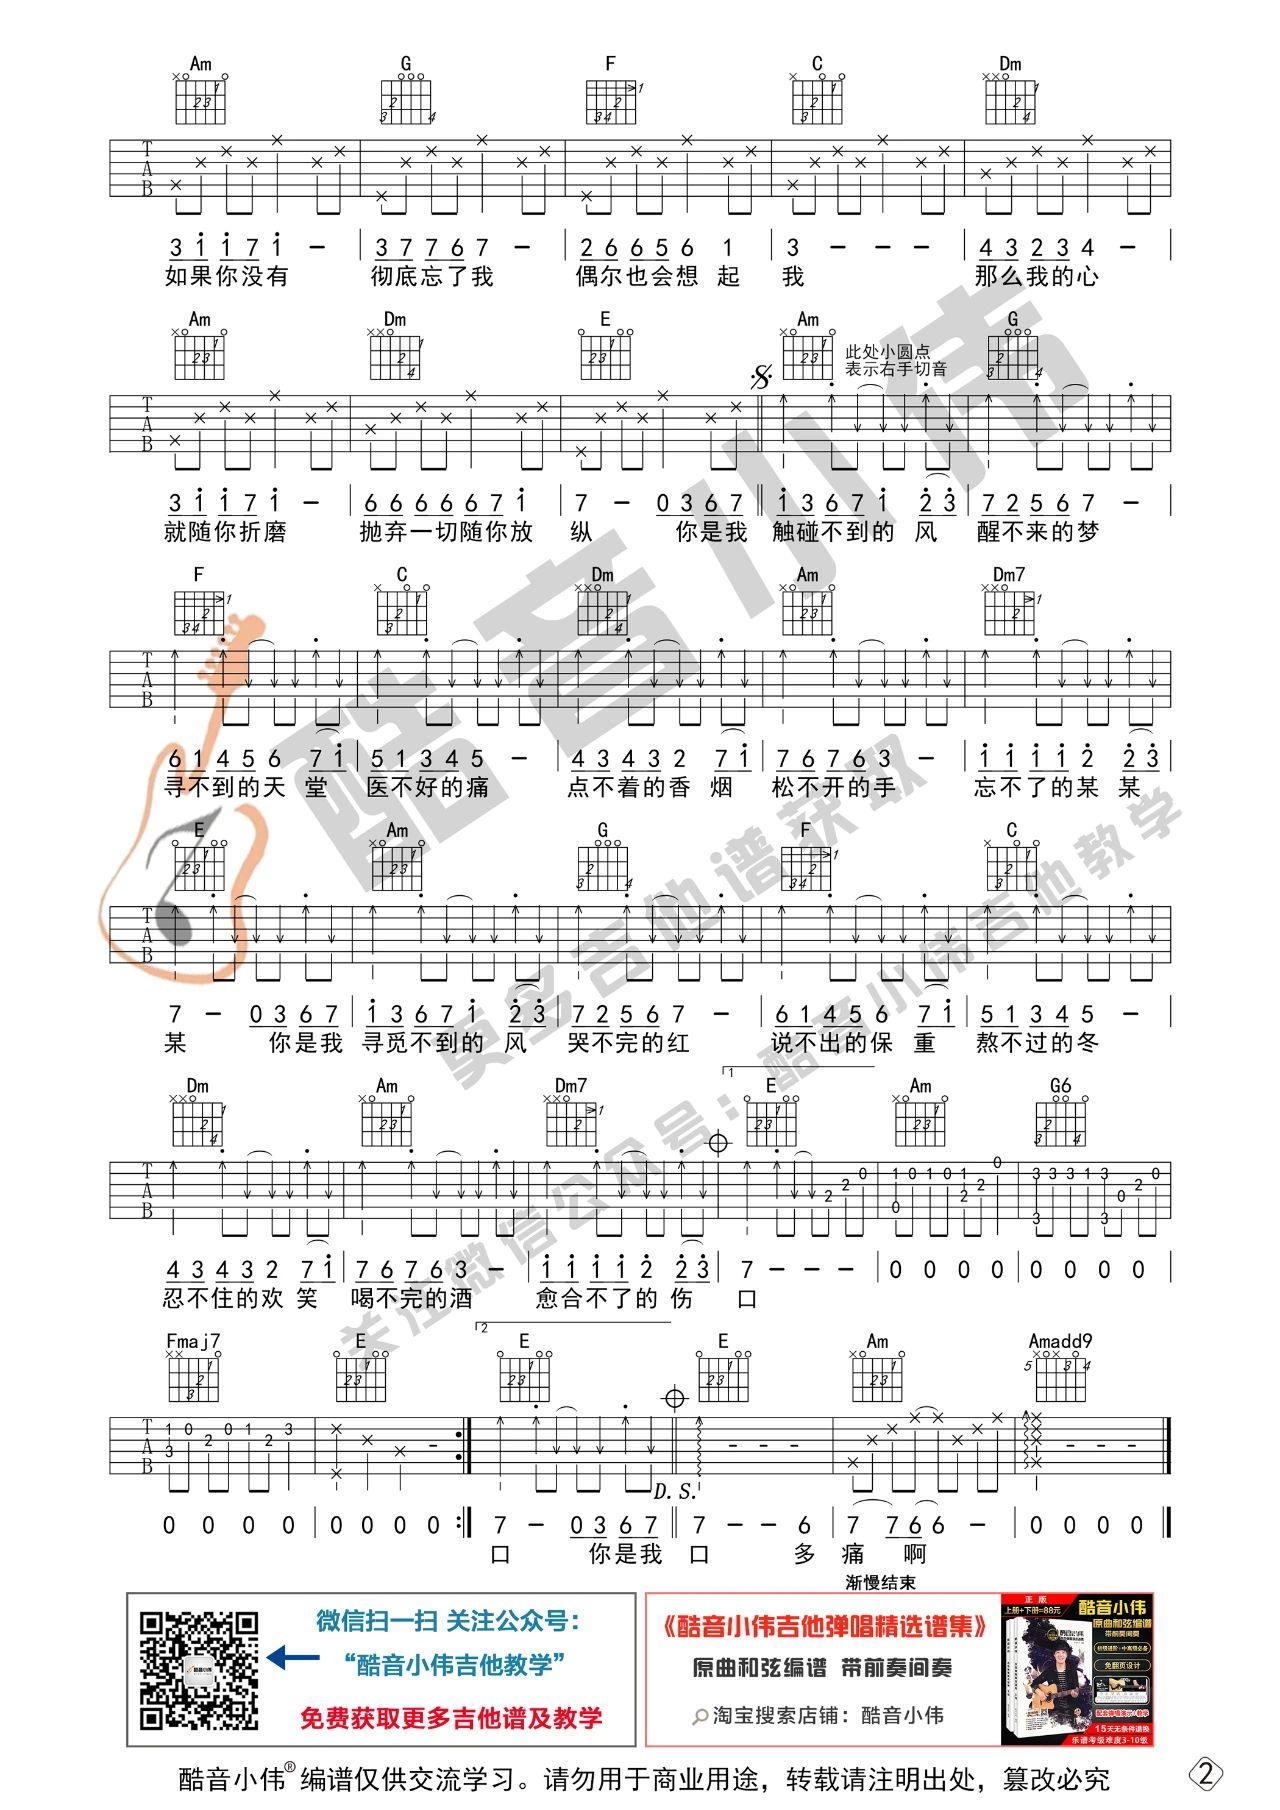 指弹吉他_《醒不来的梦》吉他谱_吉他弹唱视频教程_C调进阶版吉他谱-吉他派